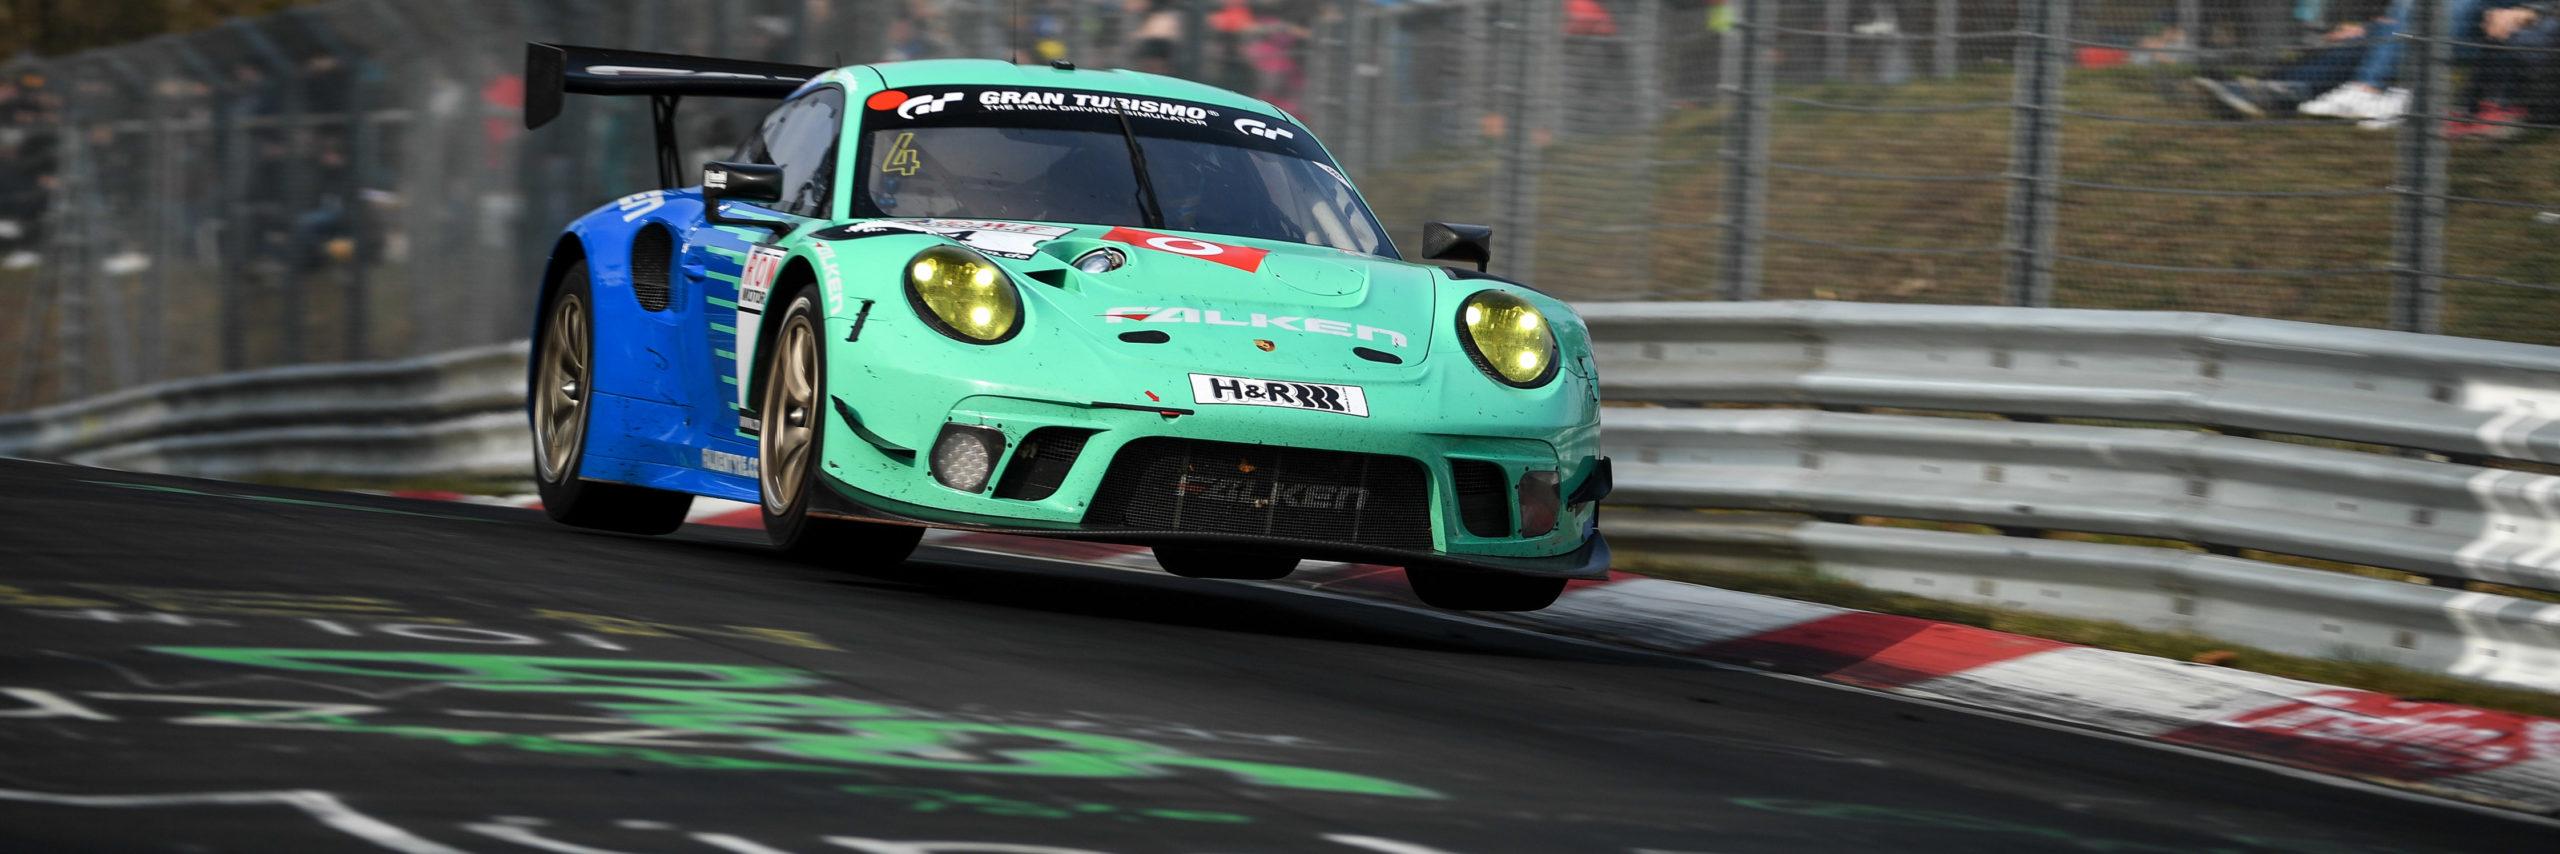 Nürburgring 24 Hours slide 1